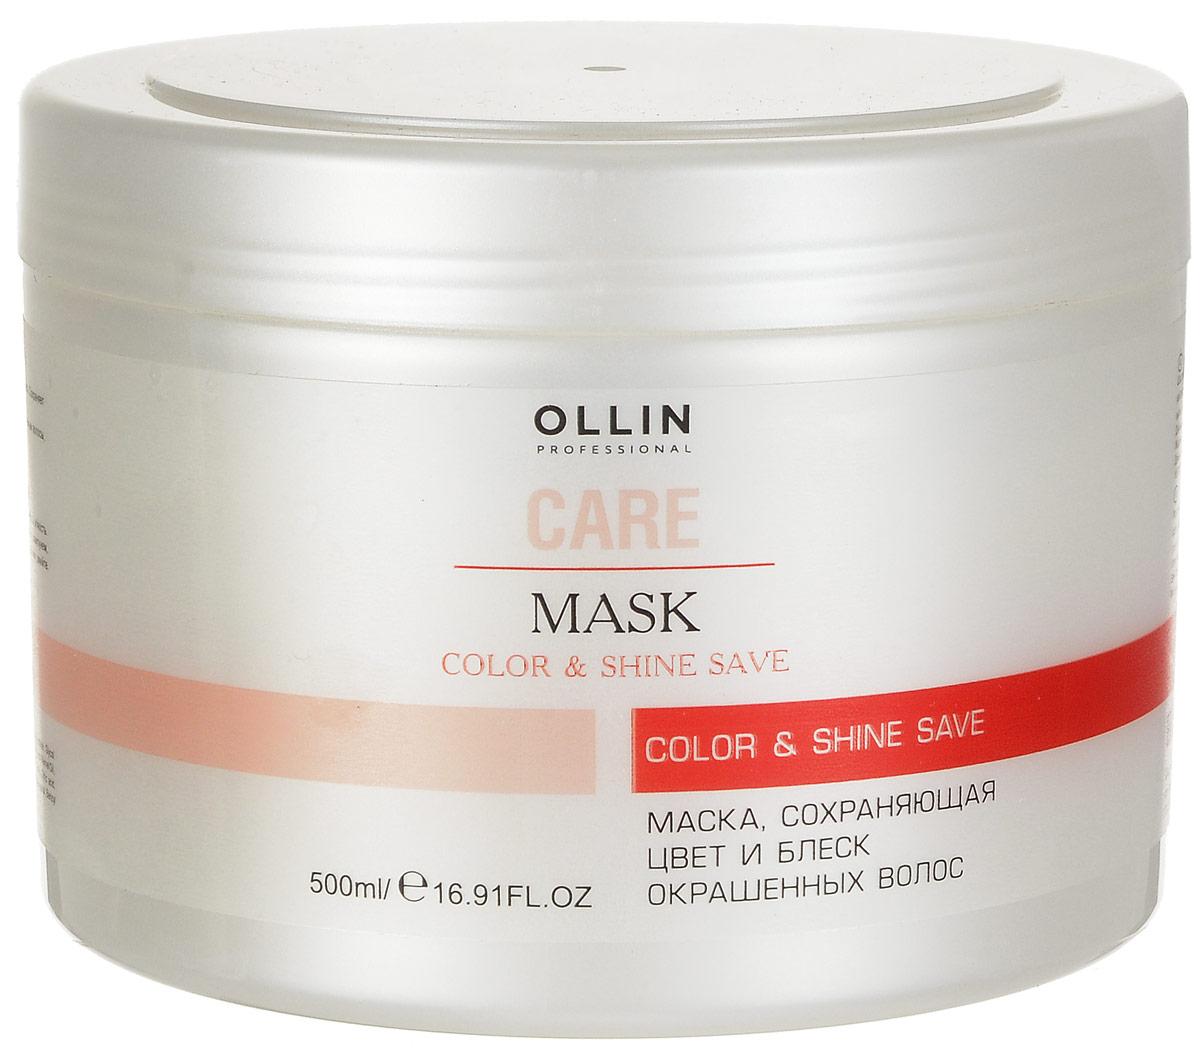 Ollin Маска, сохраняющая цвет и блеск окрашенных волос Care Color and Shine Save Mask 500 мл721296Маска сохраняющая цвет и блеск окрашенных волос Ollin Care Color&Shine Save Mask предотвращает преждевременное вымывание цвета с пористых и повреждённых волос. Кондиционирует, увлажняет и возвращает волосам эластичность и мягкость. Волосы становятся гладкими и блестящими, хорошо расчёсываются.Активные компоненты:Экстракт руибоса нормализует работу сальных желез, оказывает антиоксидантное и бактерицидное действие.Активный увлажняющий агент сохраняет насыщенный цвет, улучшает структуру волос.